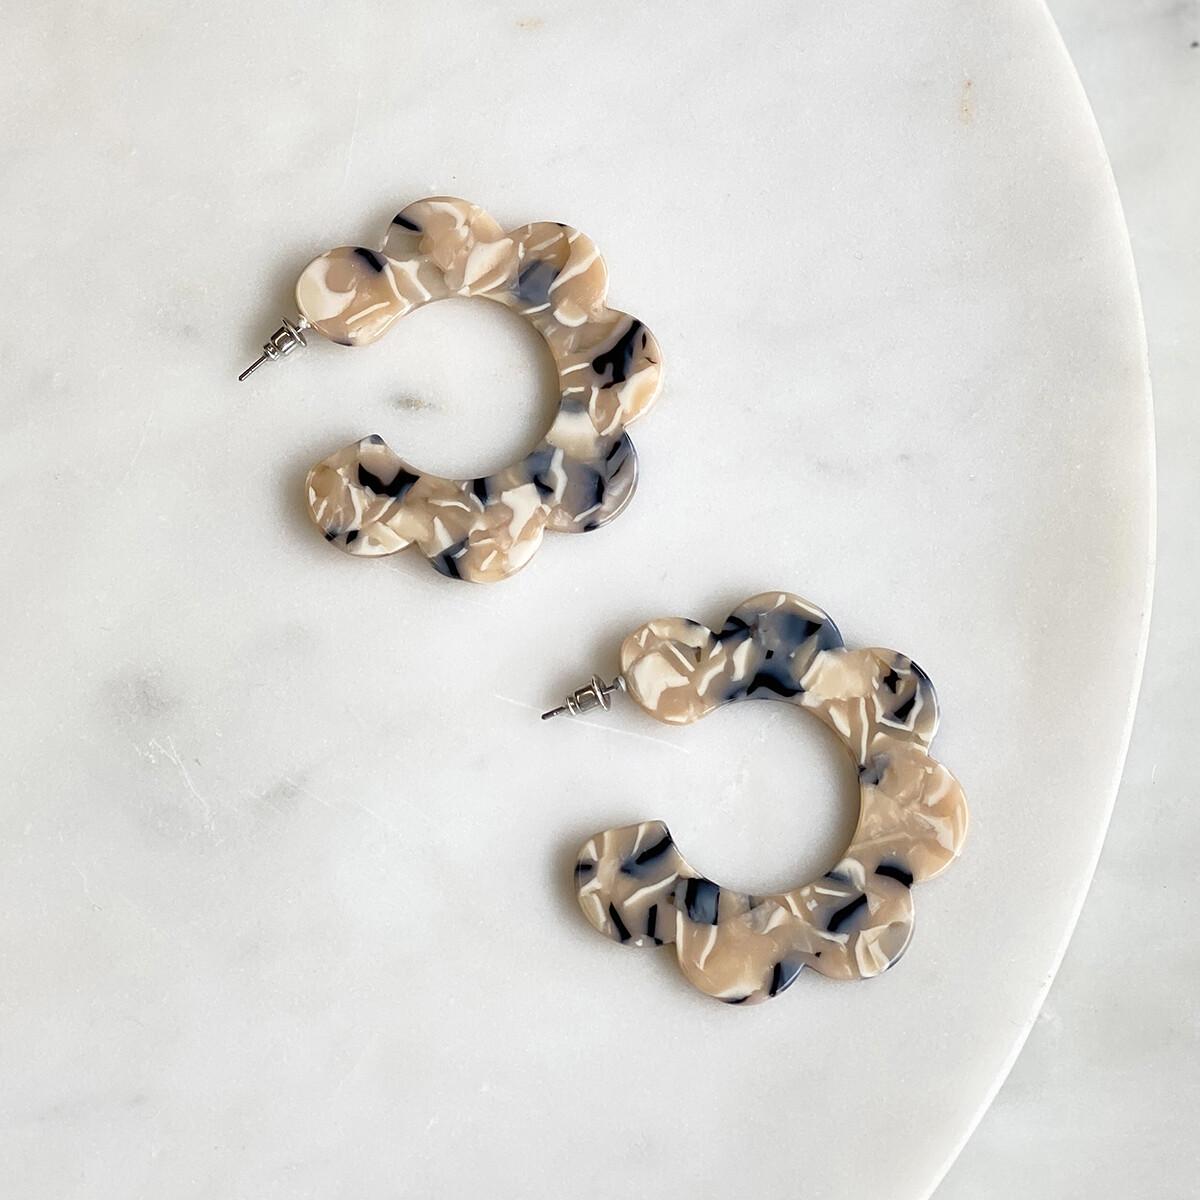 Kelly Acetate Flower Hoop Earrings in Cream